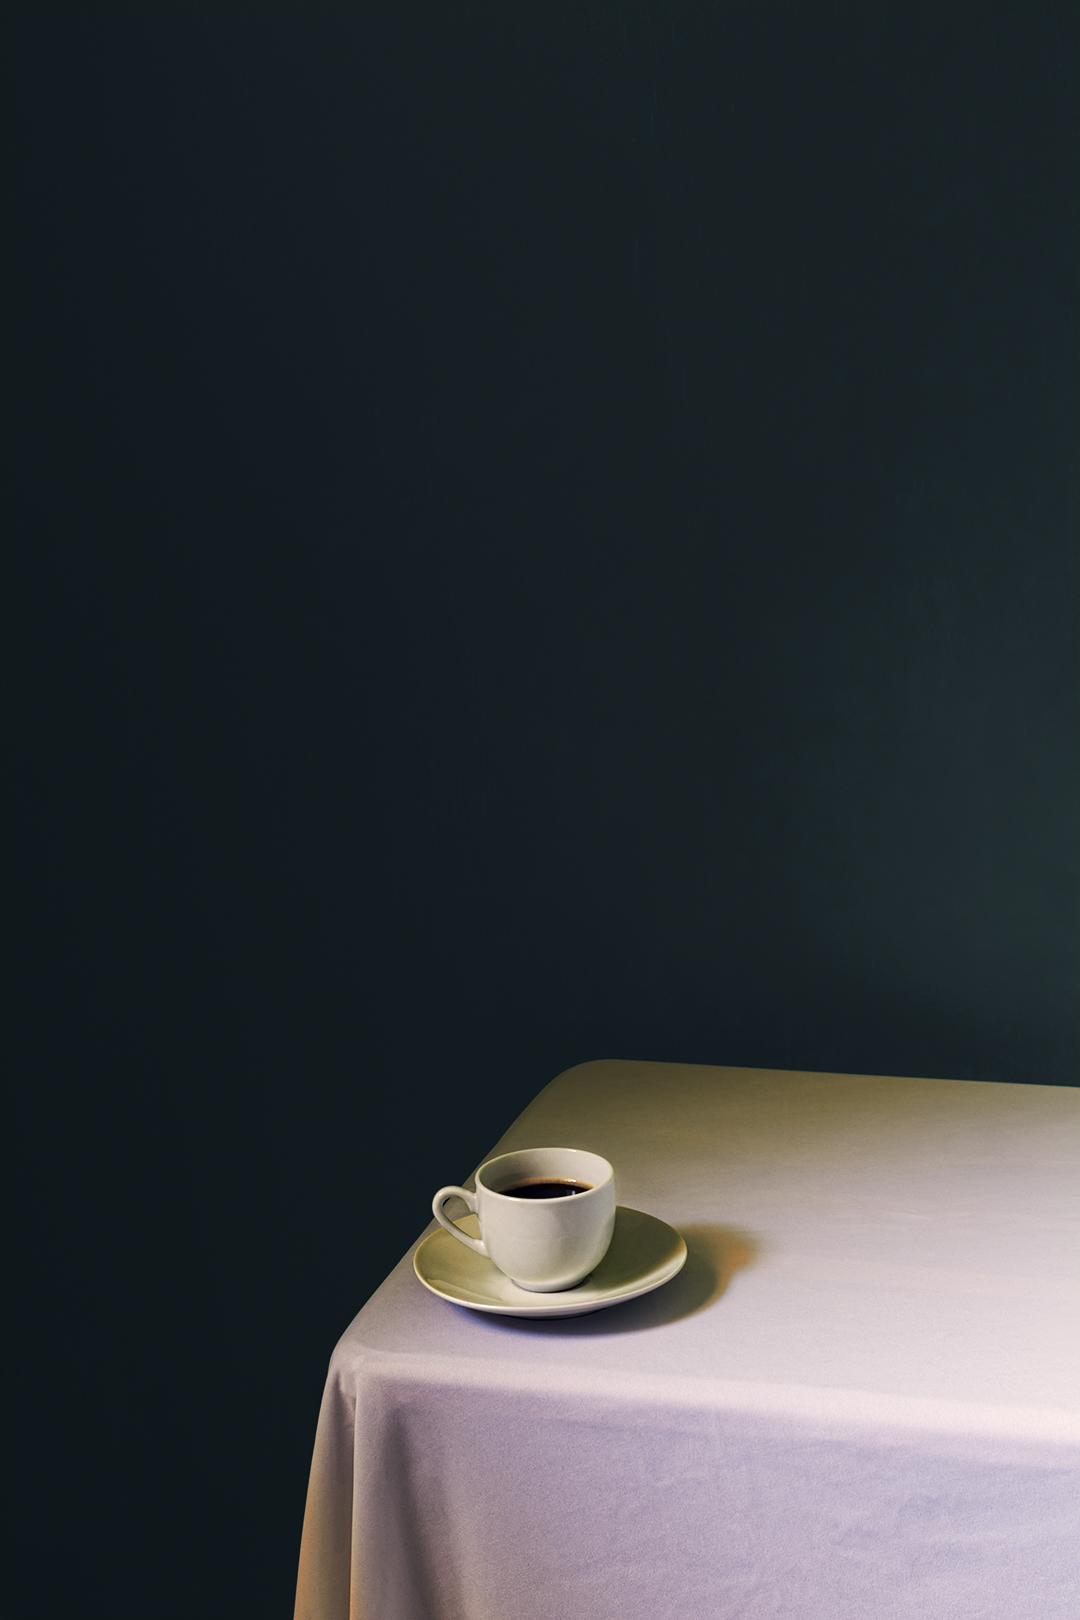 LENTE_GRAFICA-LA HORA DEL CAFE